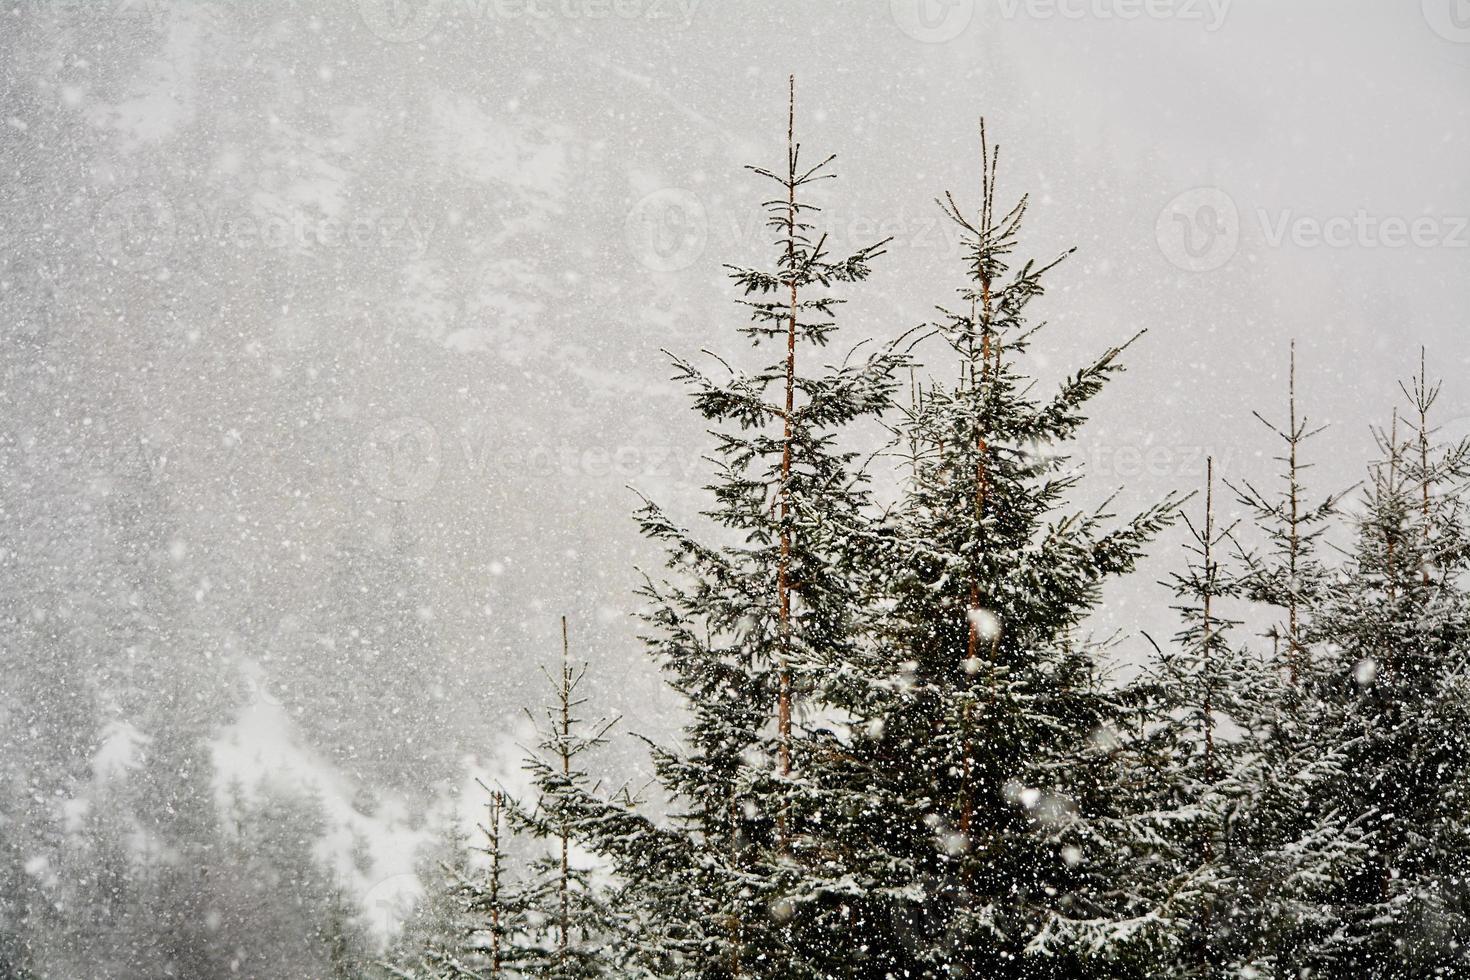 queda de neve no inverno foto